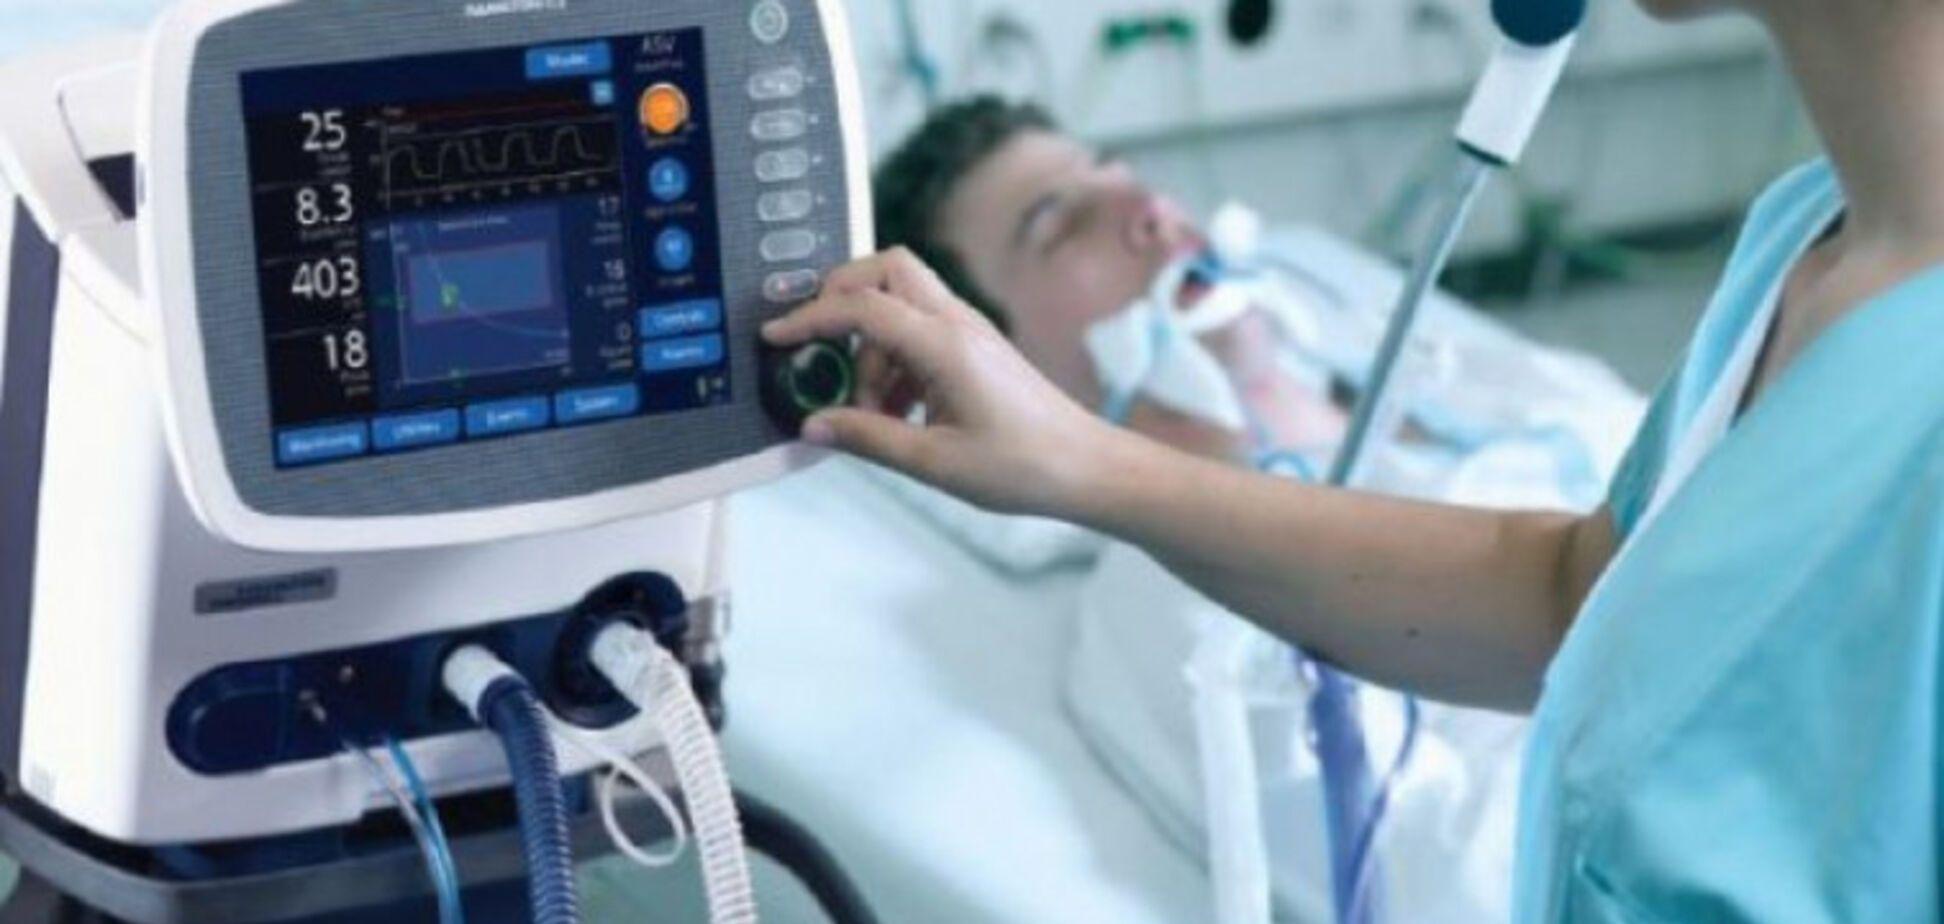 Порятунок заражених коронавірусів: чи всі апарати ШВЛ підходять